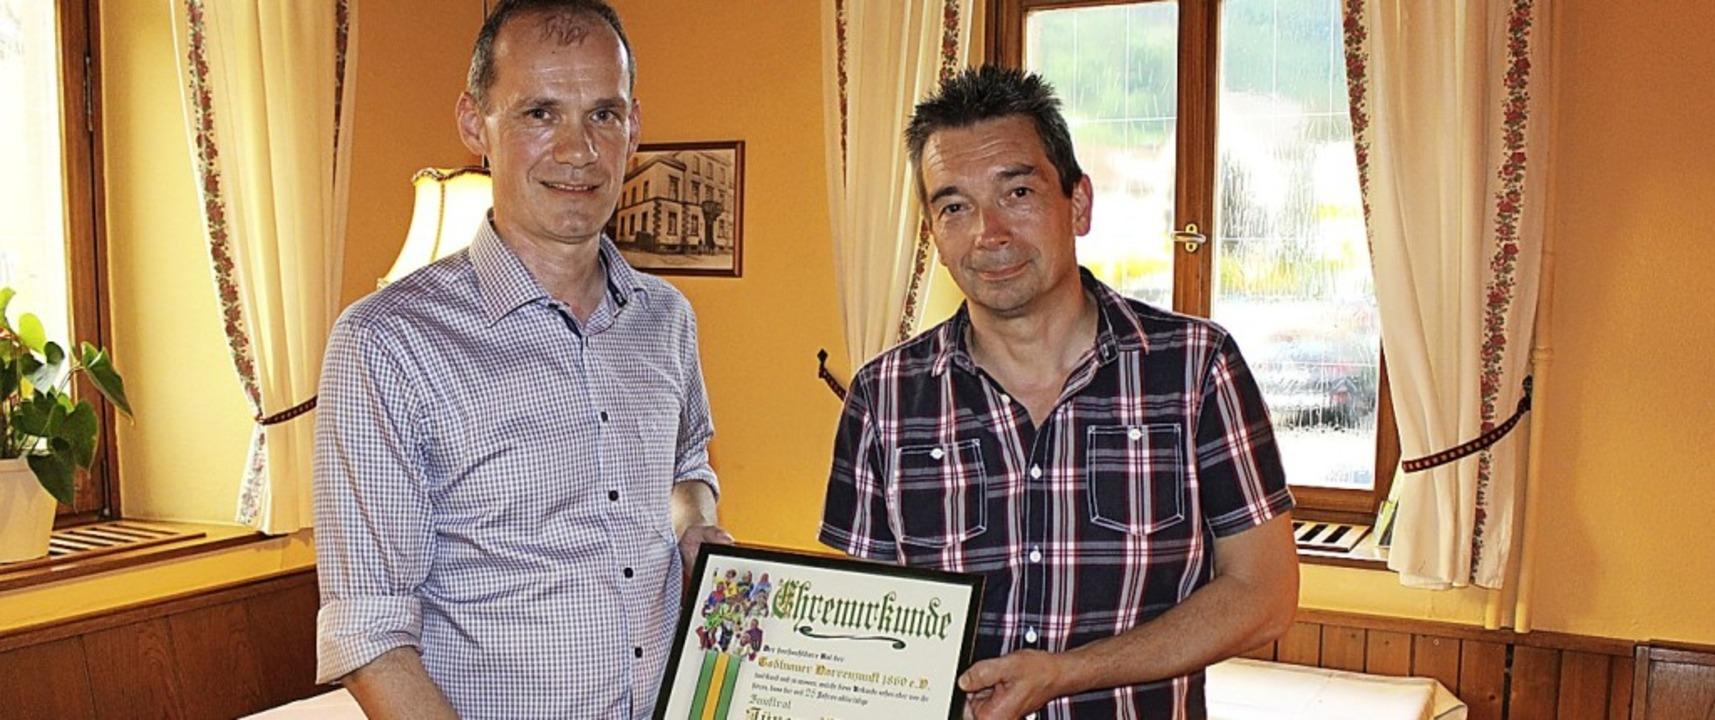 Jürgen Franz (links) ehrte  Jürgen Weh...ahre aktive Arbeit in der Narrenzunft.  | Foto: Martin Klabund